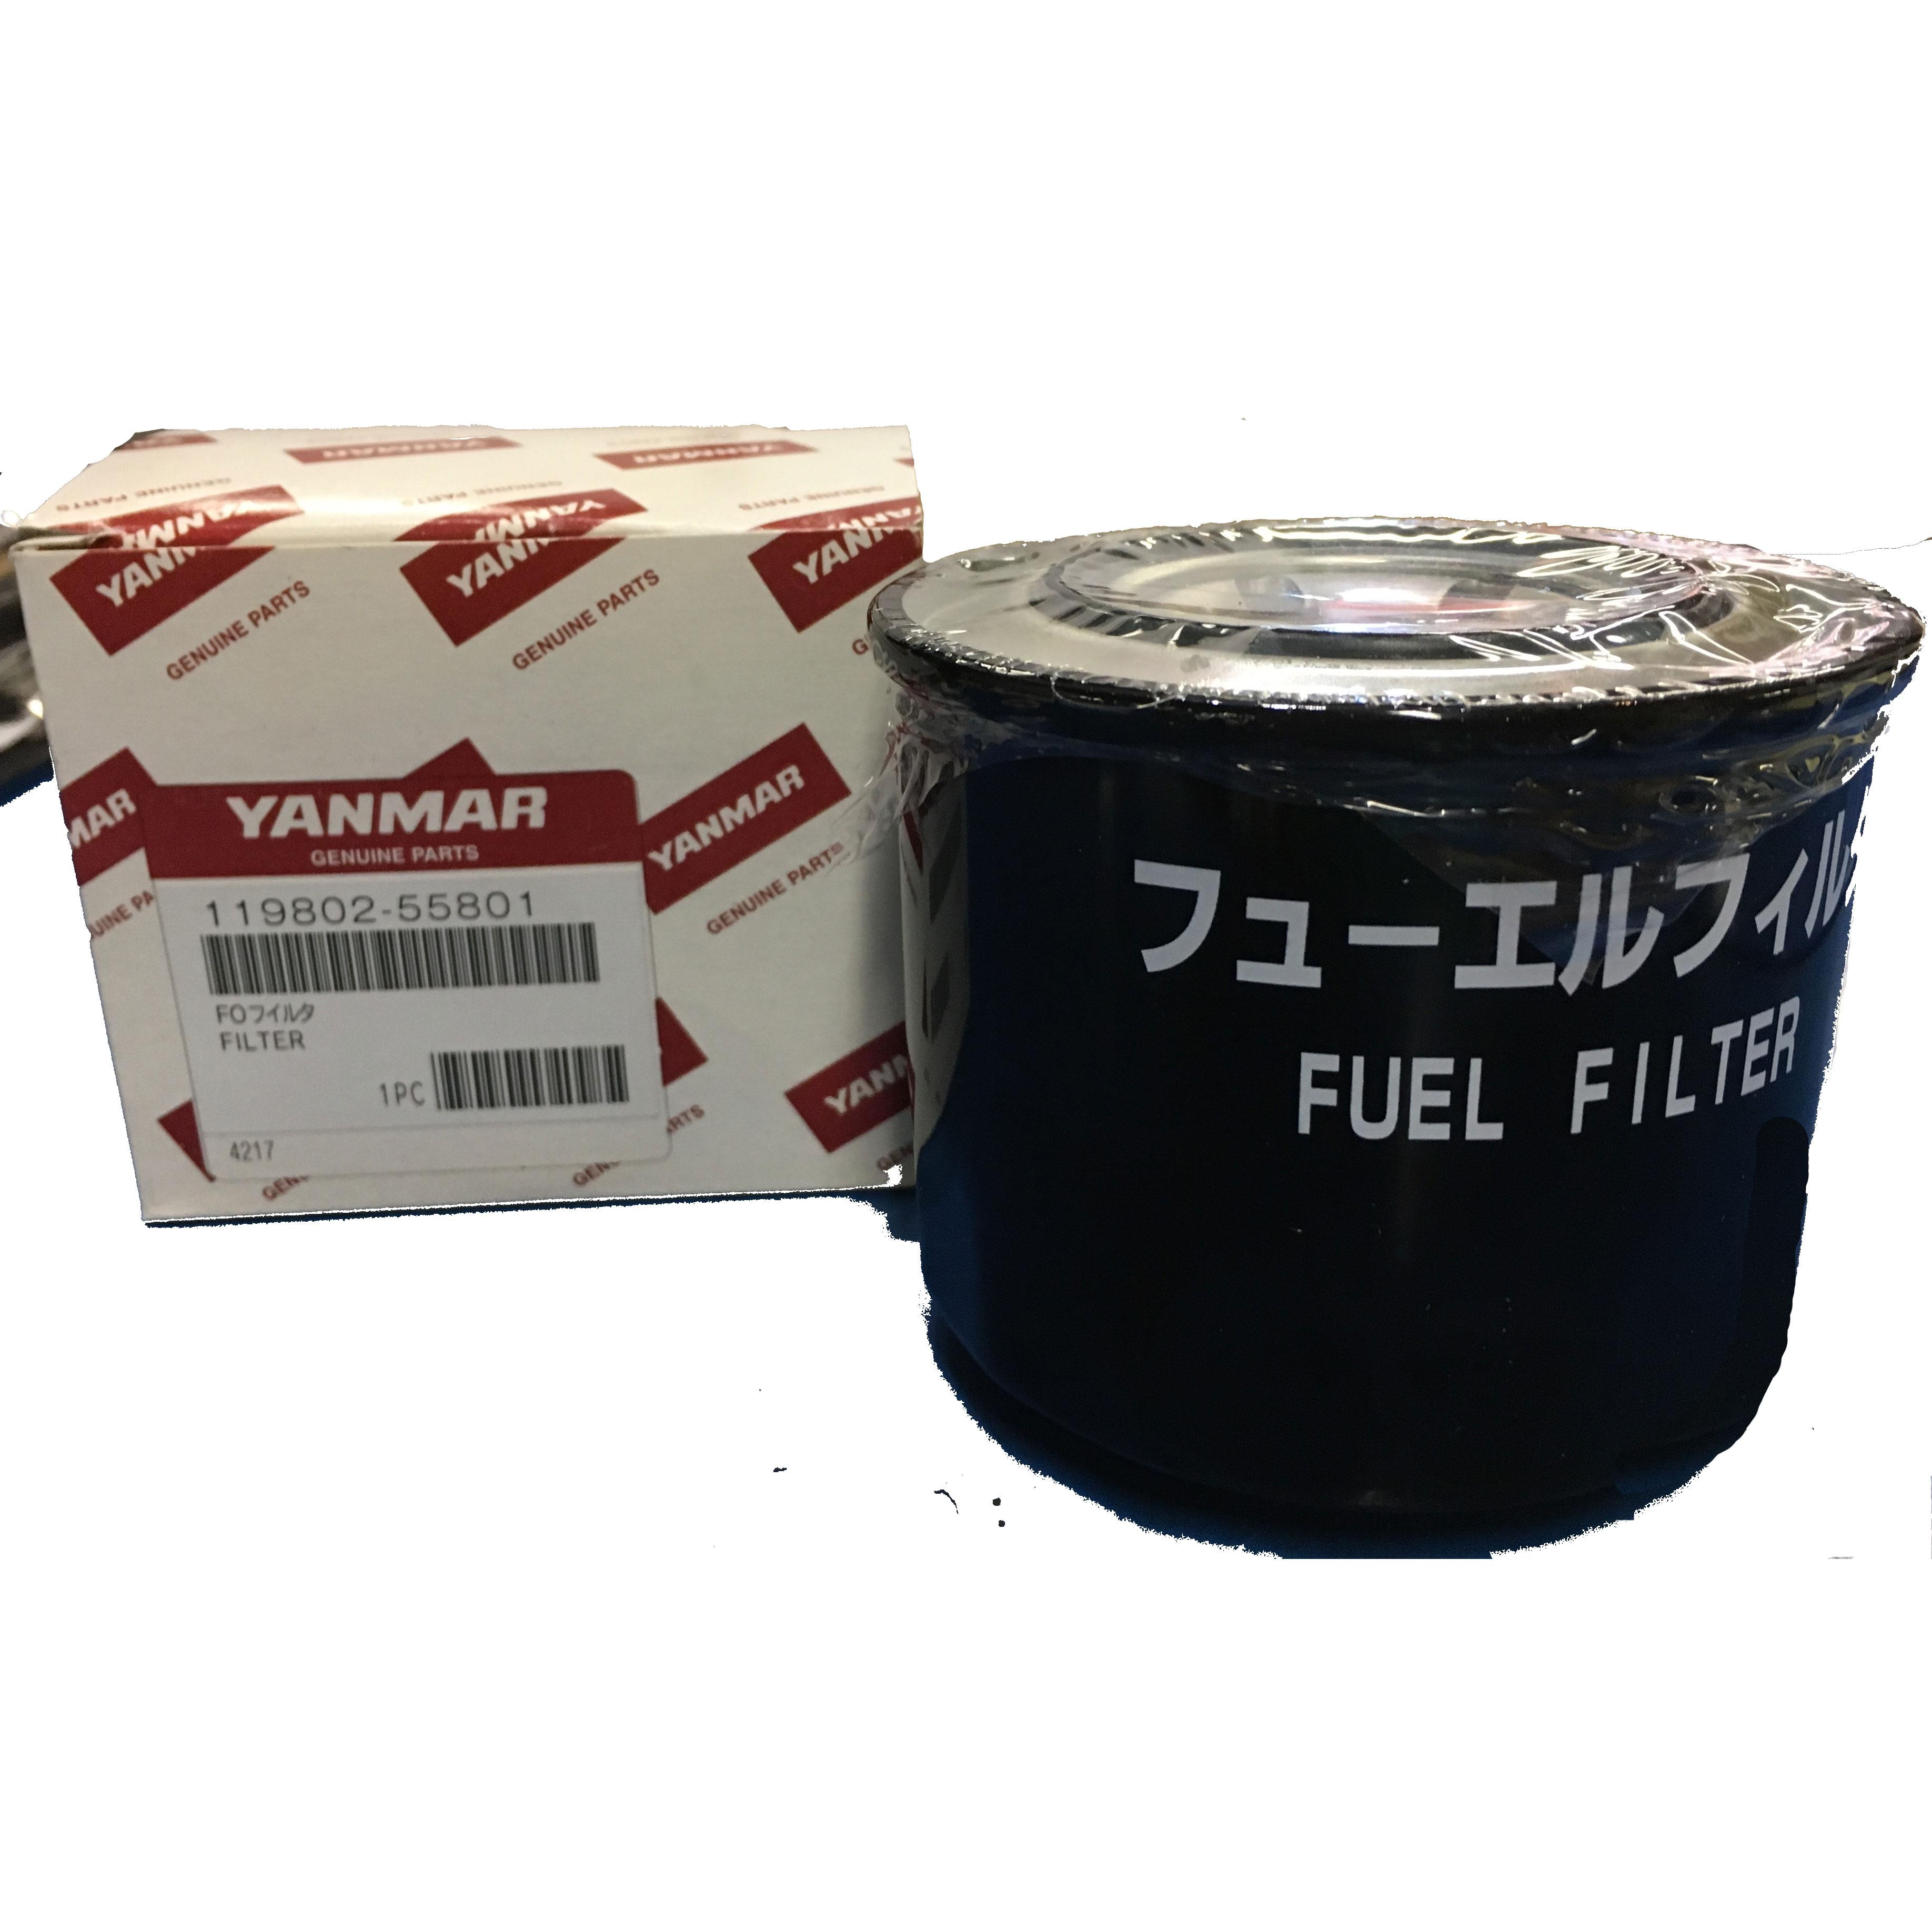 Yanmar 119802-55810, 119802-55801 Fuel Filter ...